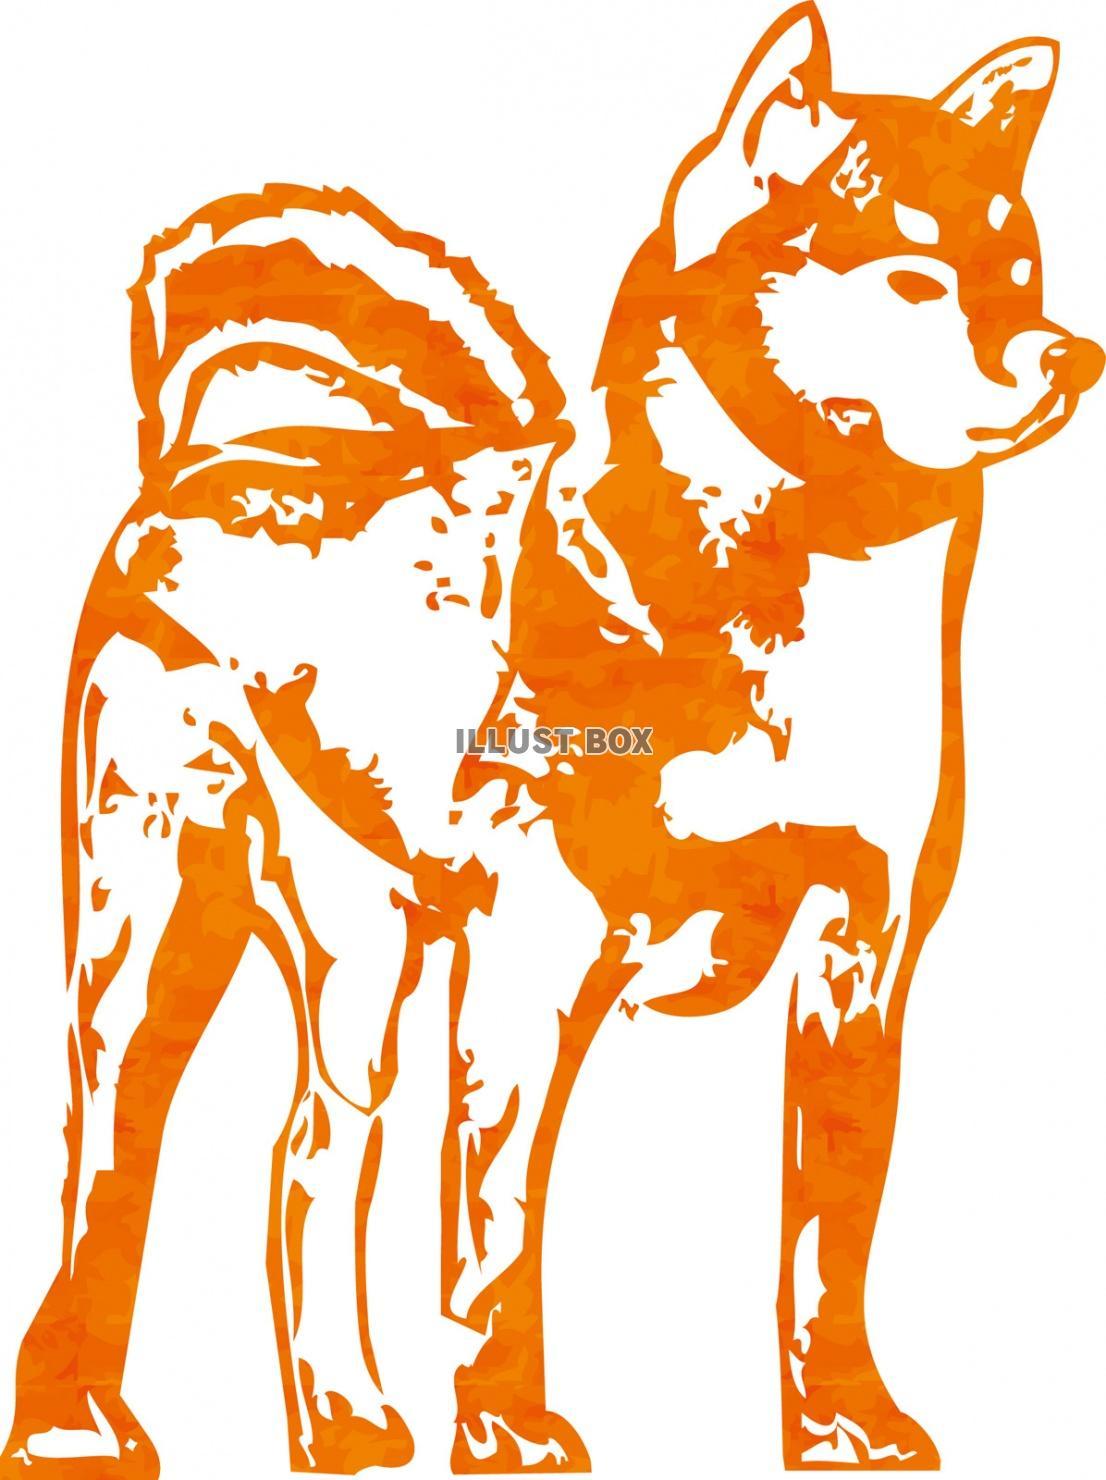 無料イラスト 年賀状素材犬,正月,干支,戌年,お年賀,冬,お正月,戌,和風